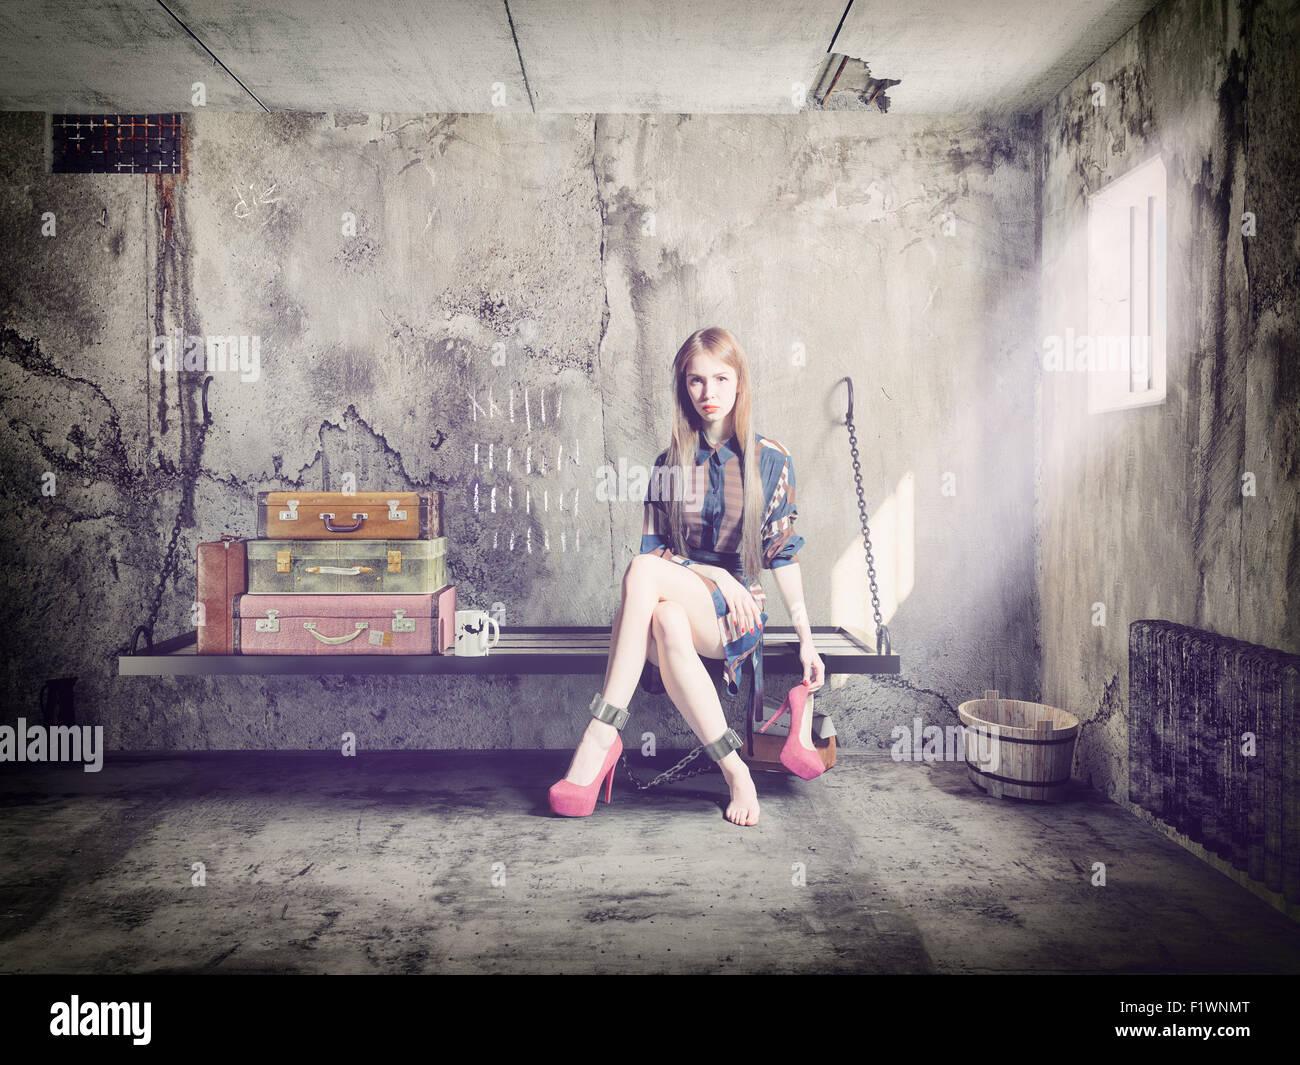 La giovane donna bella in carcere con il suo bagaglio. Concetto Immagini Stock